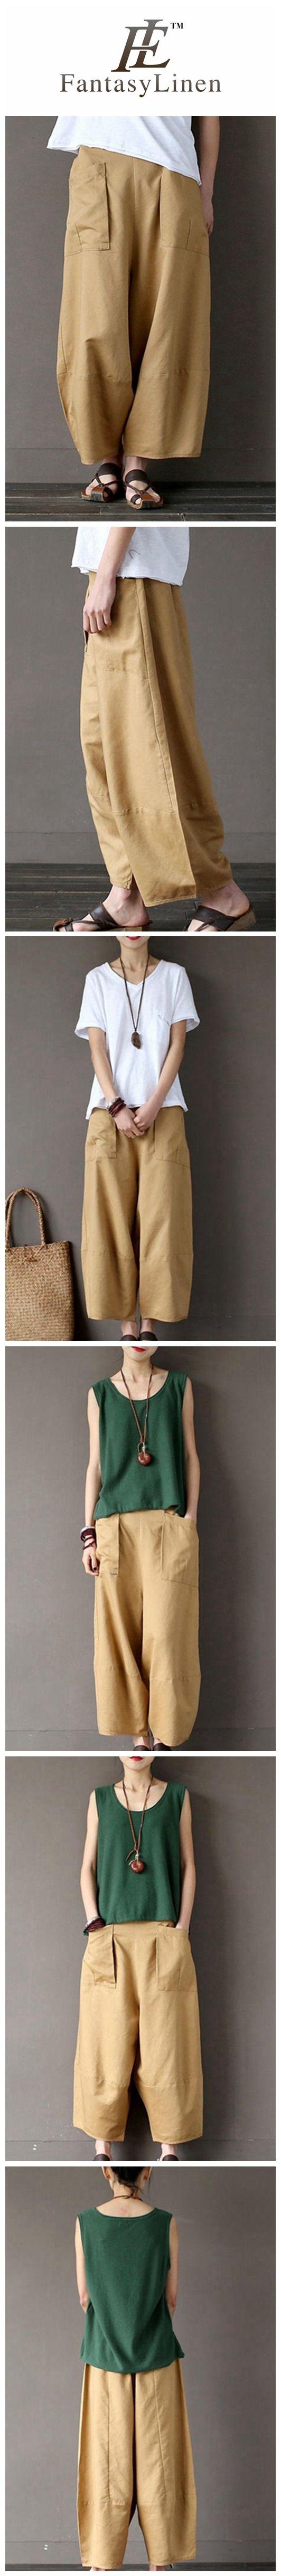 Khaki Loose Cotton Linen Casual Ankle Length Pants Women Clothes P1203 P1203Khaki